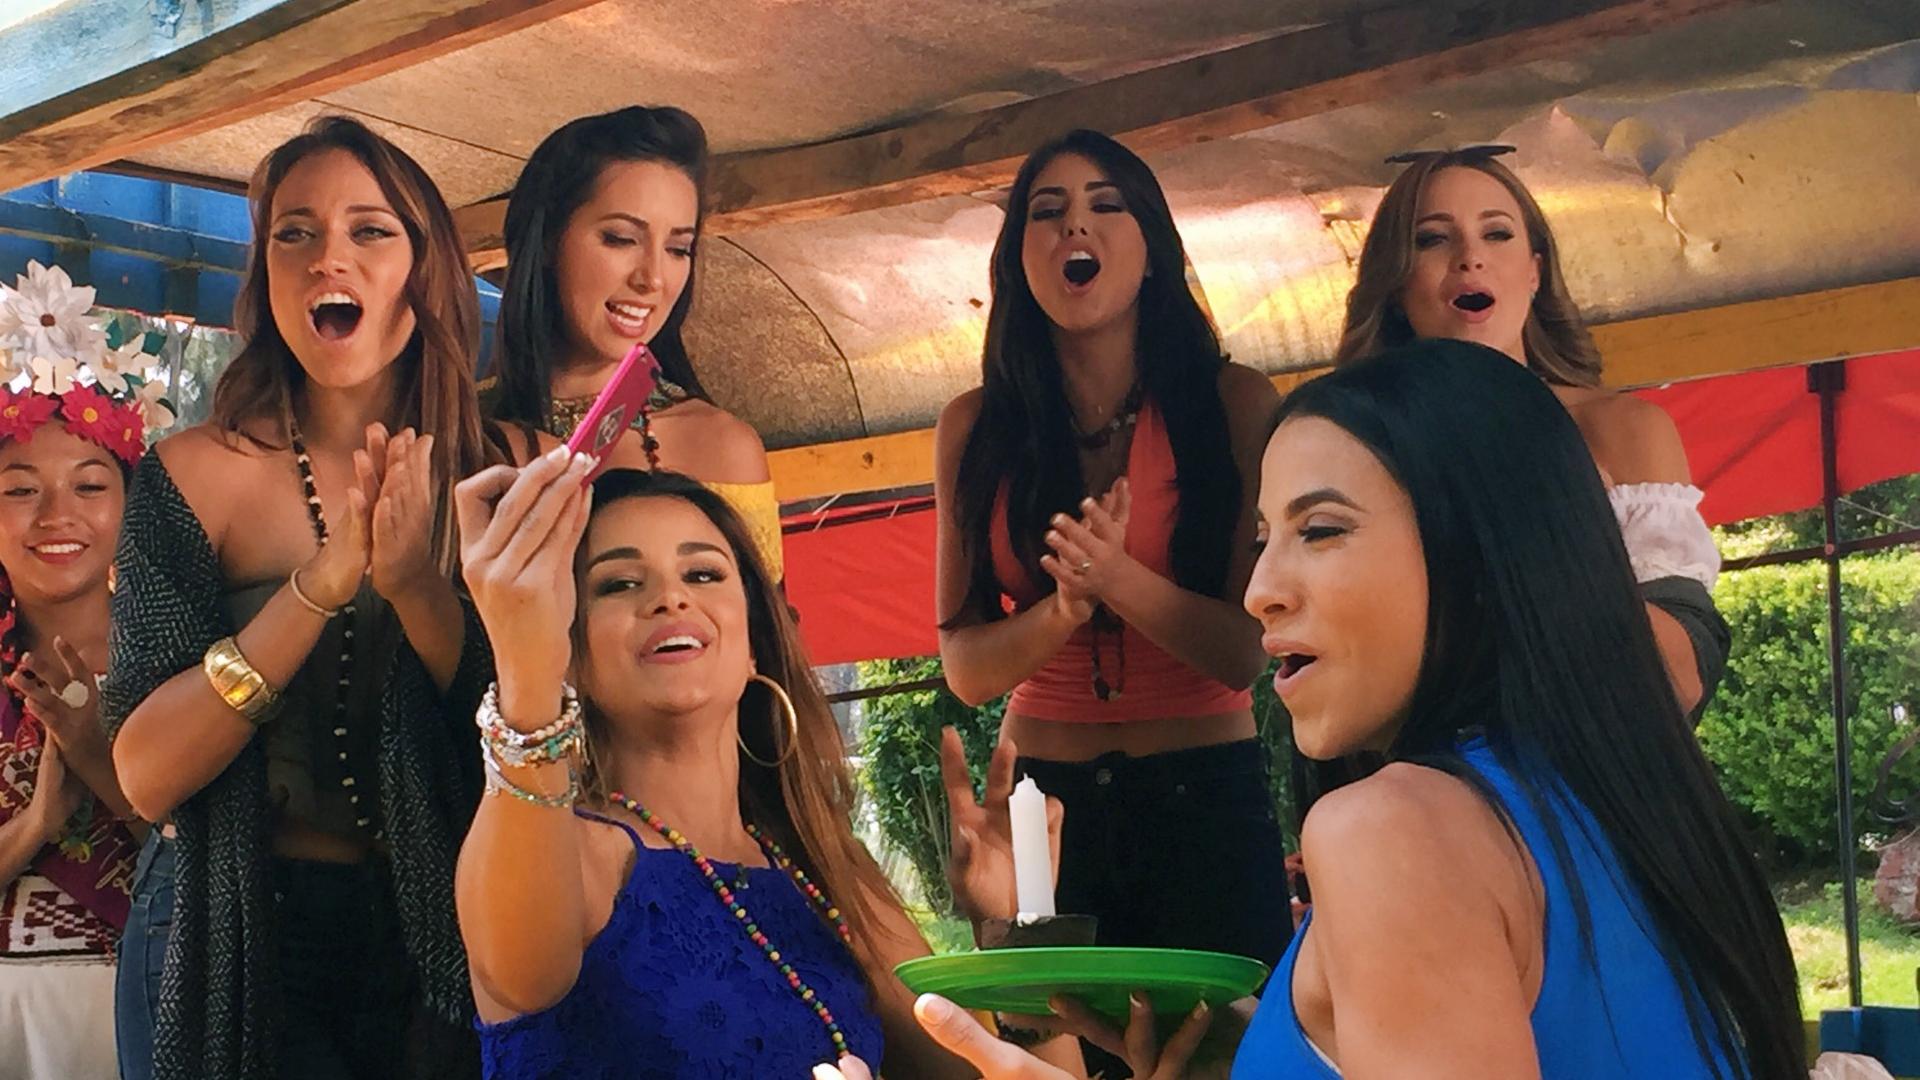 Mujeres solteras de almeria